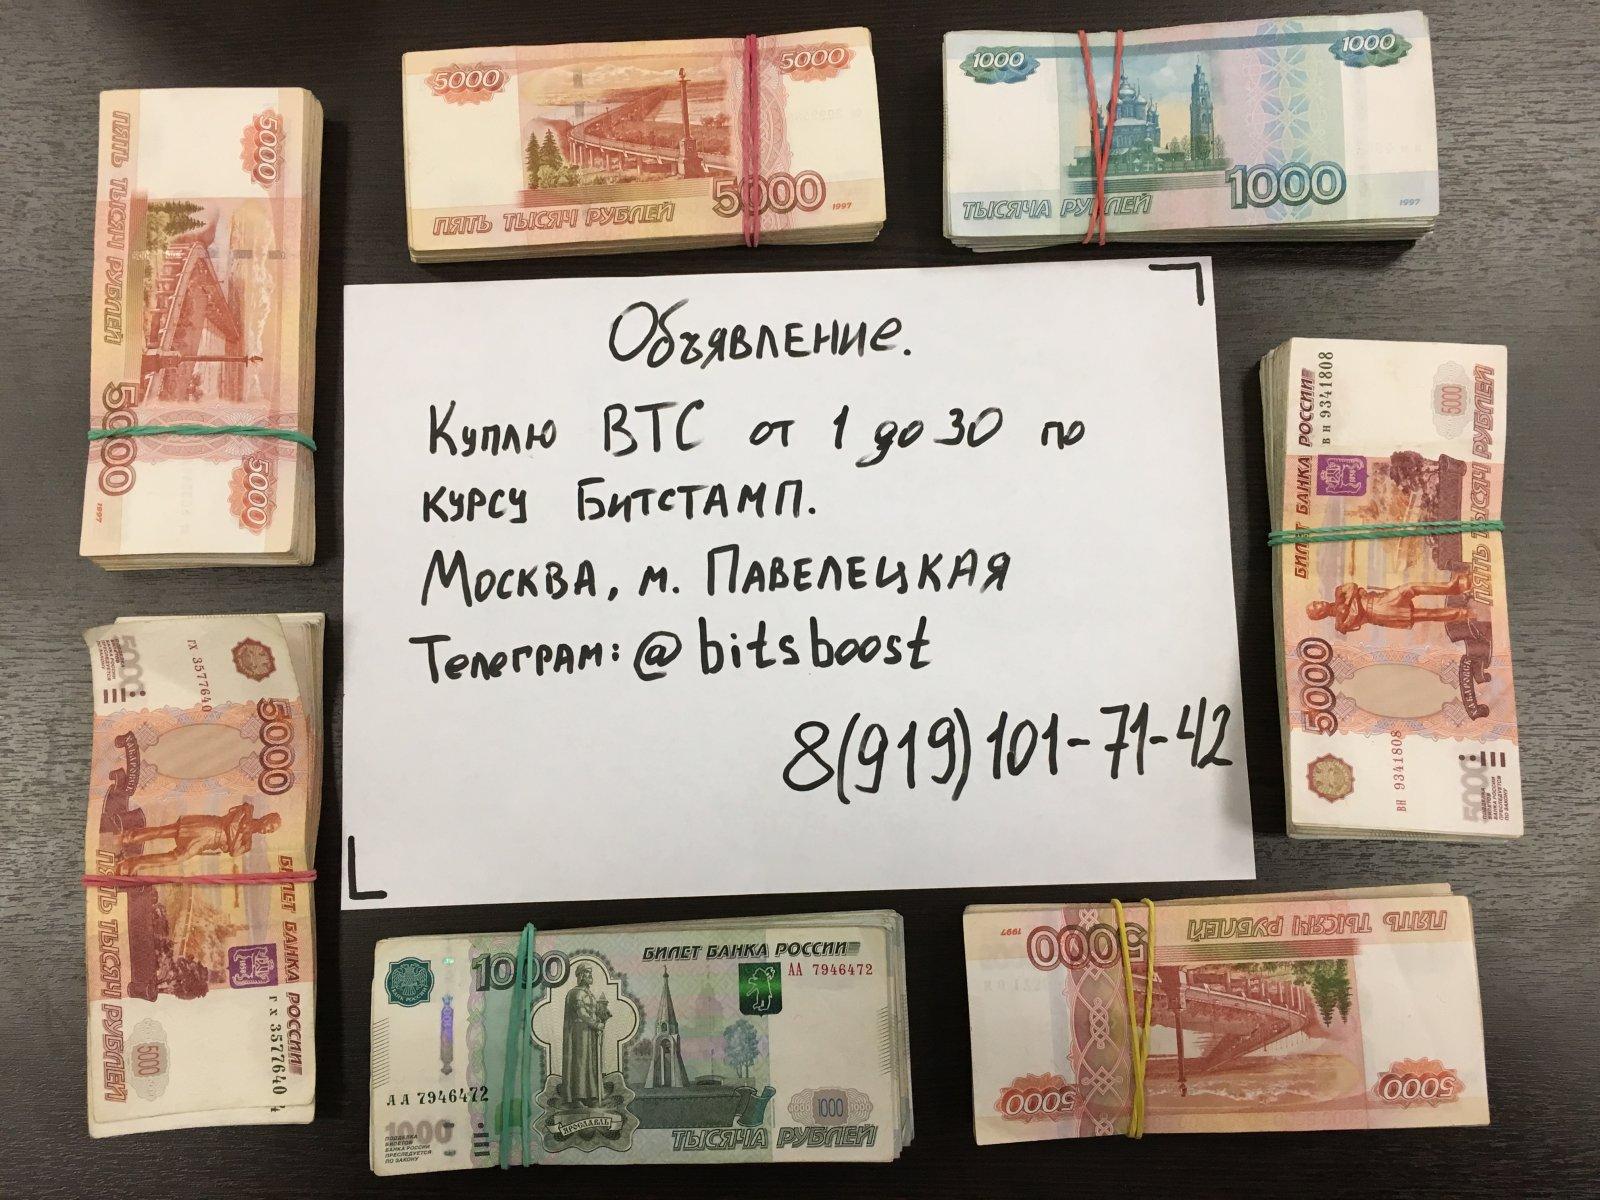 Продать биткоин за наличные.JPG